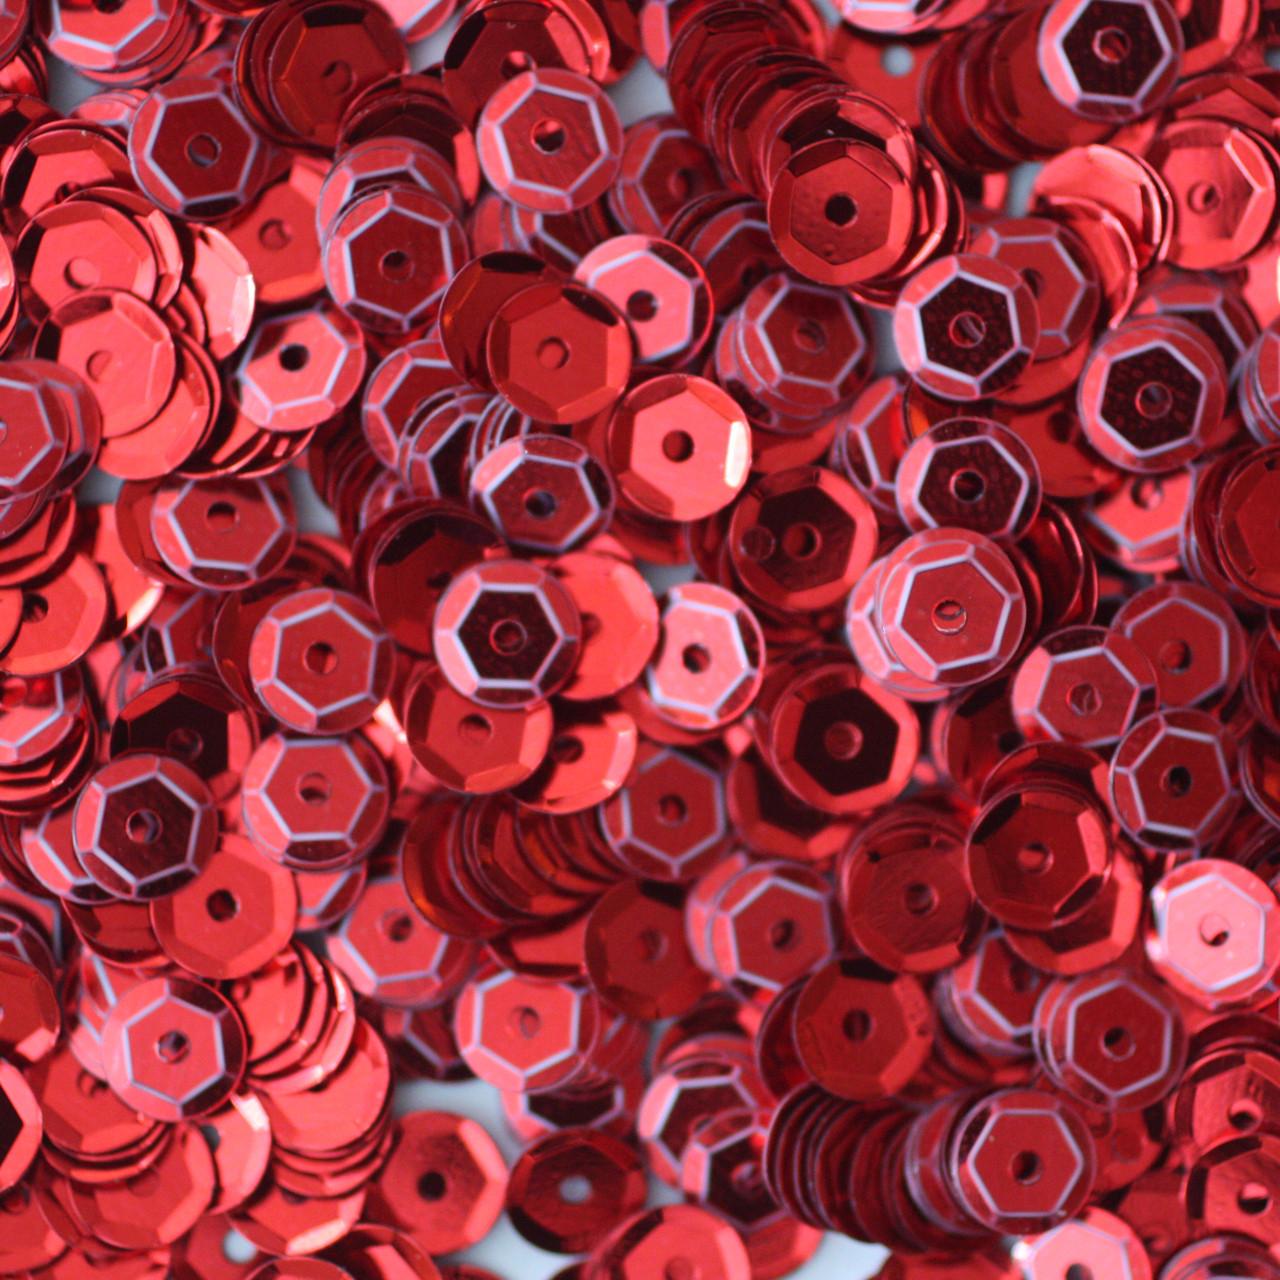 5mm Cup Sequins Red Metallic